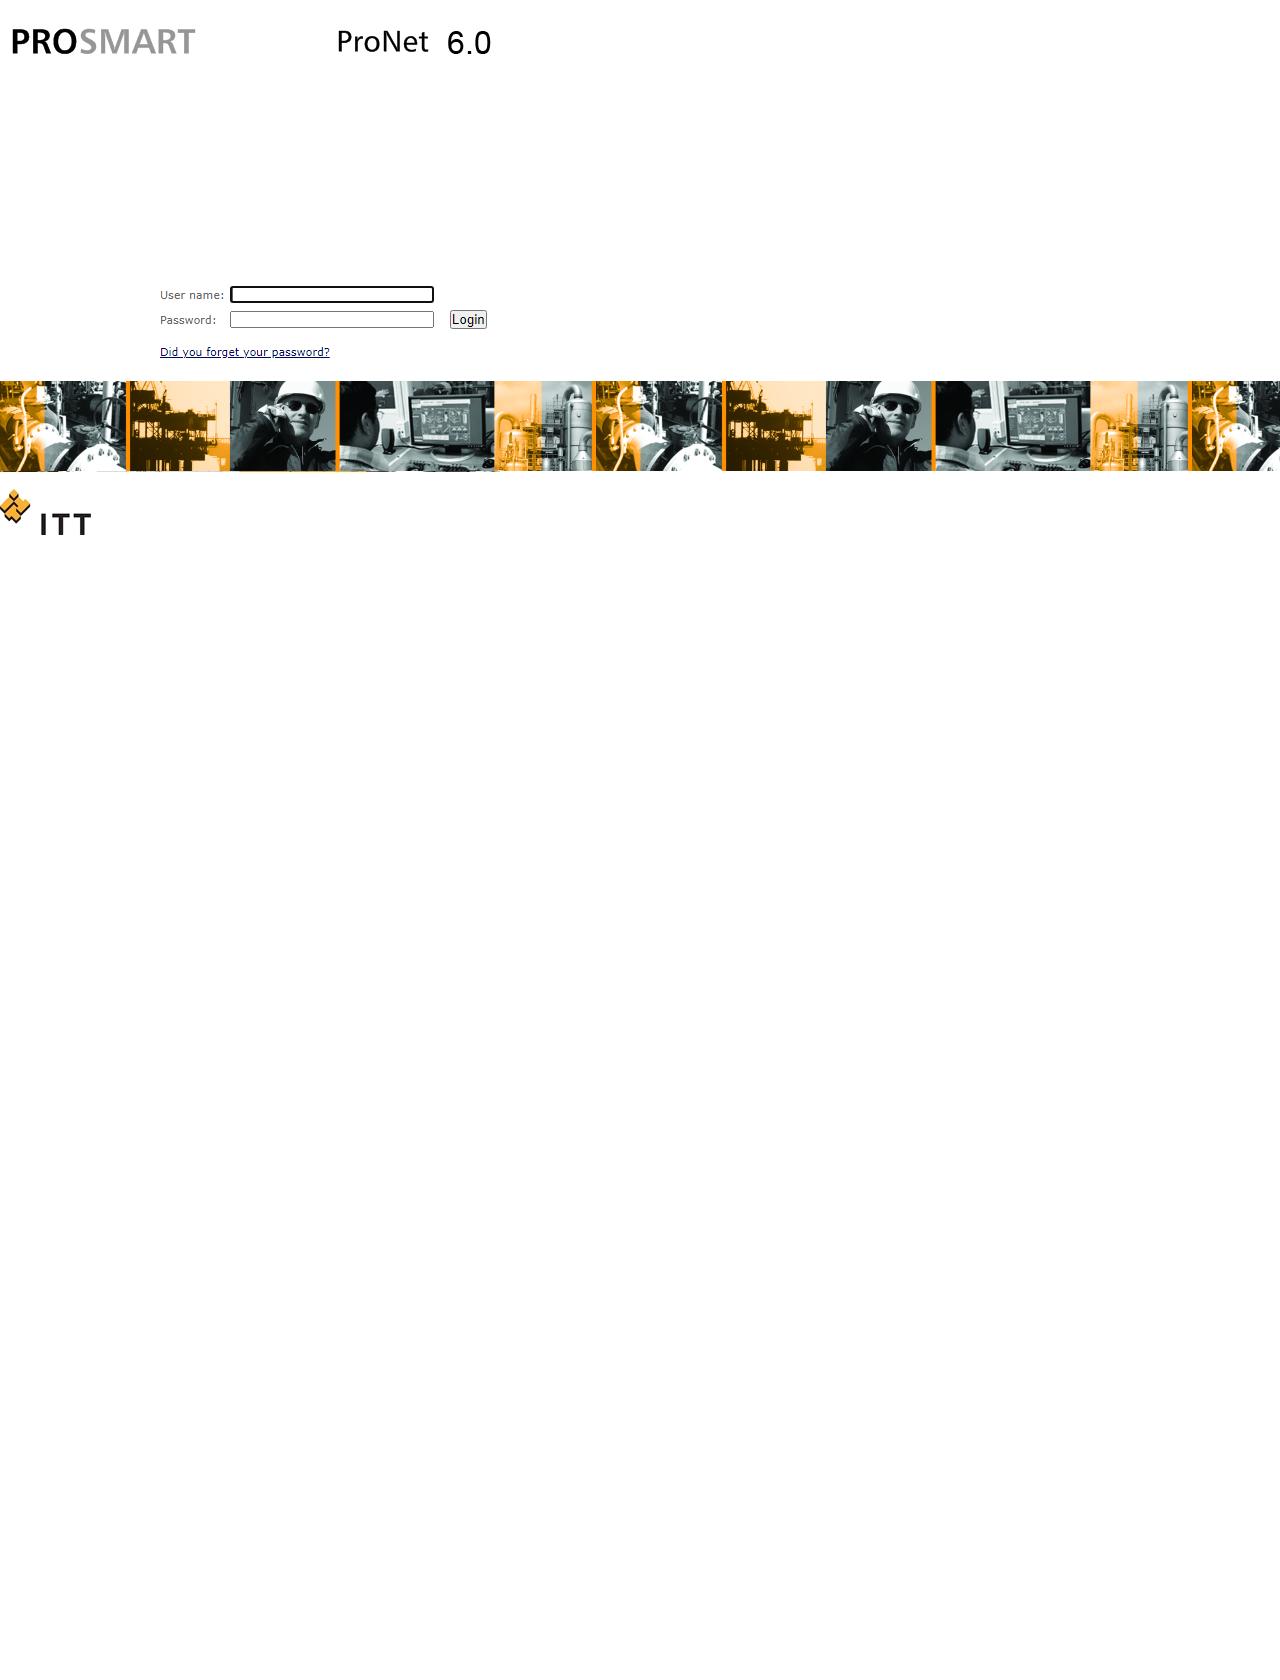 Screenshot Desktop - https://prosmart.ittmc.com/Login.aspx?ReturnUrl=%2fdefault.aspx